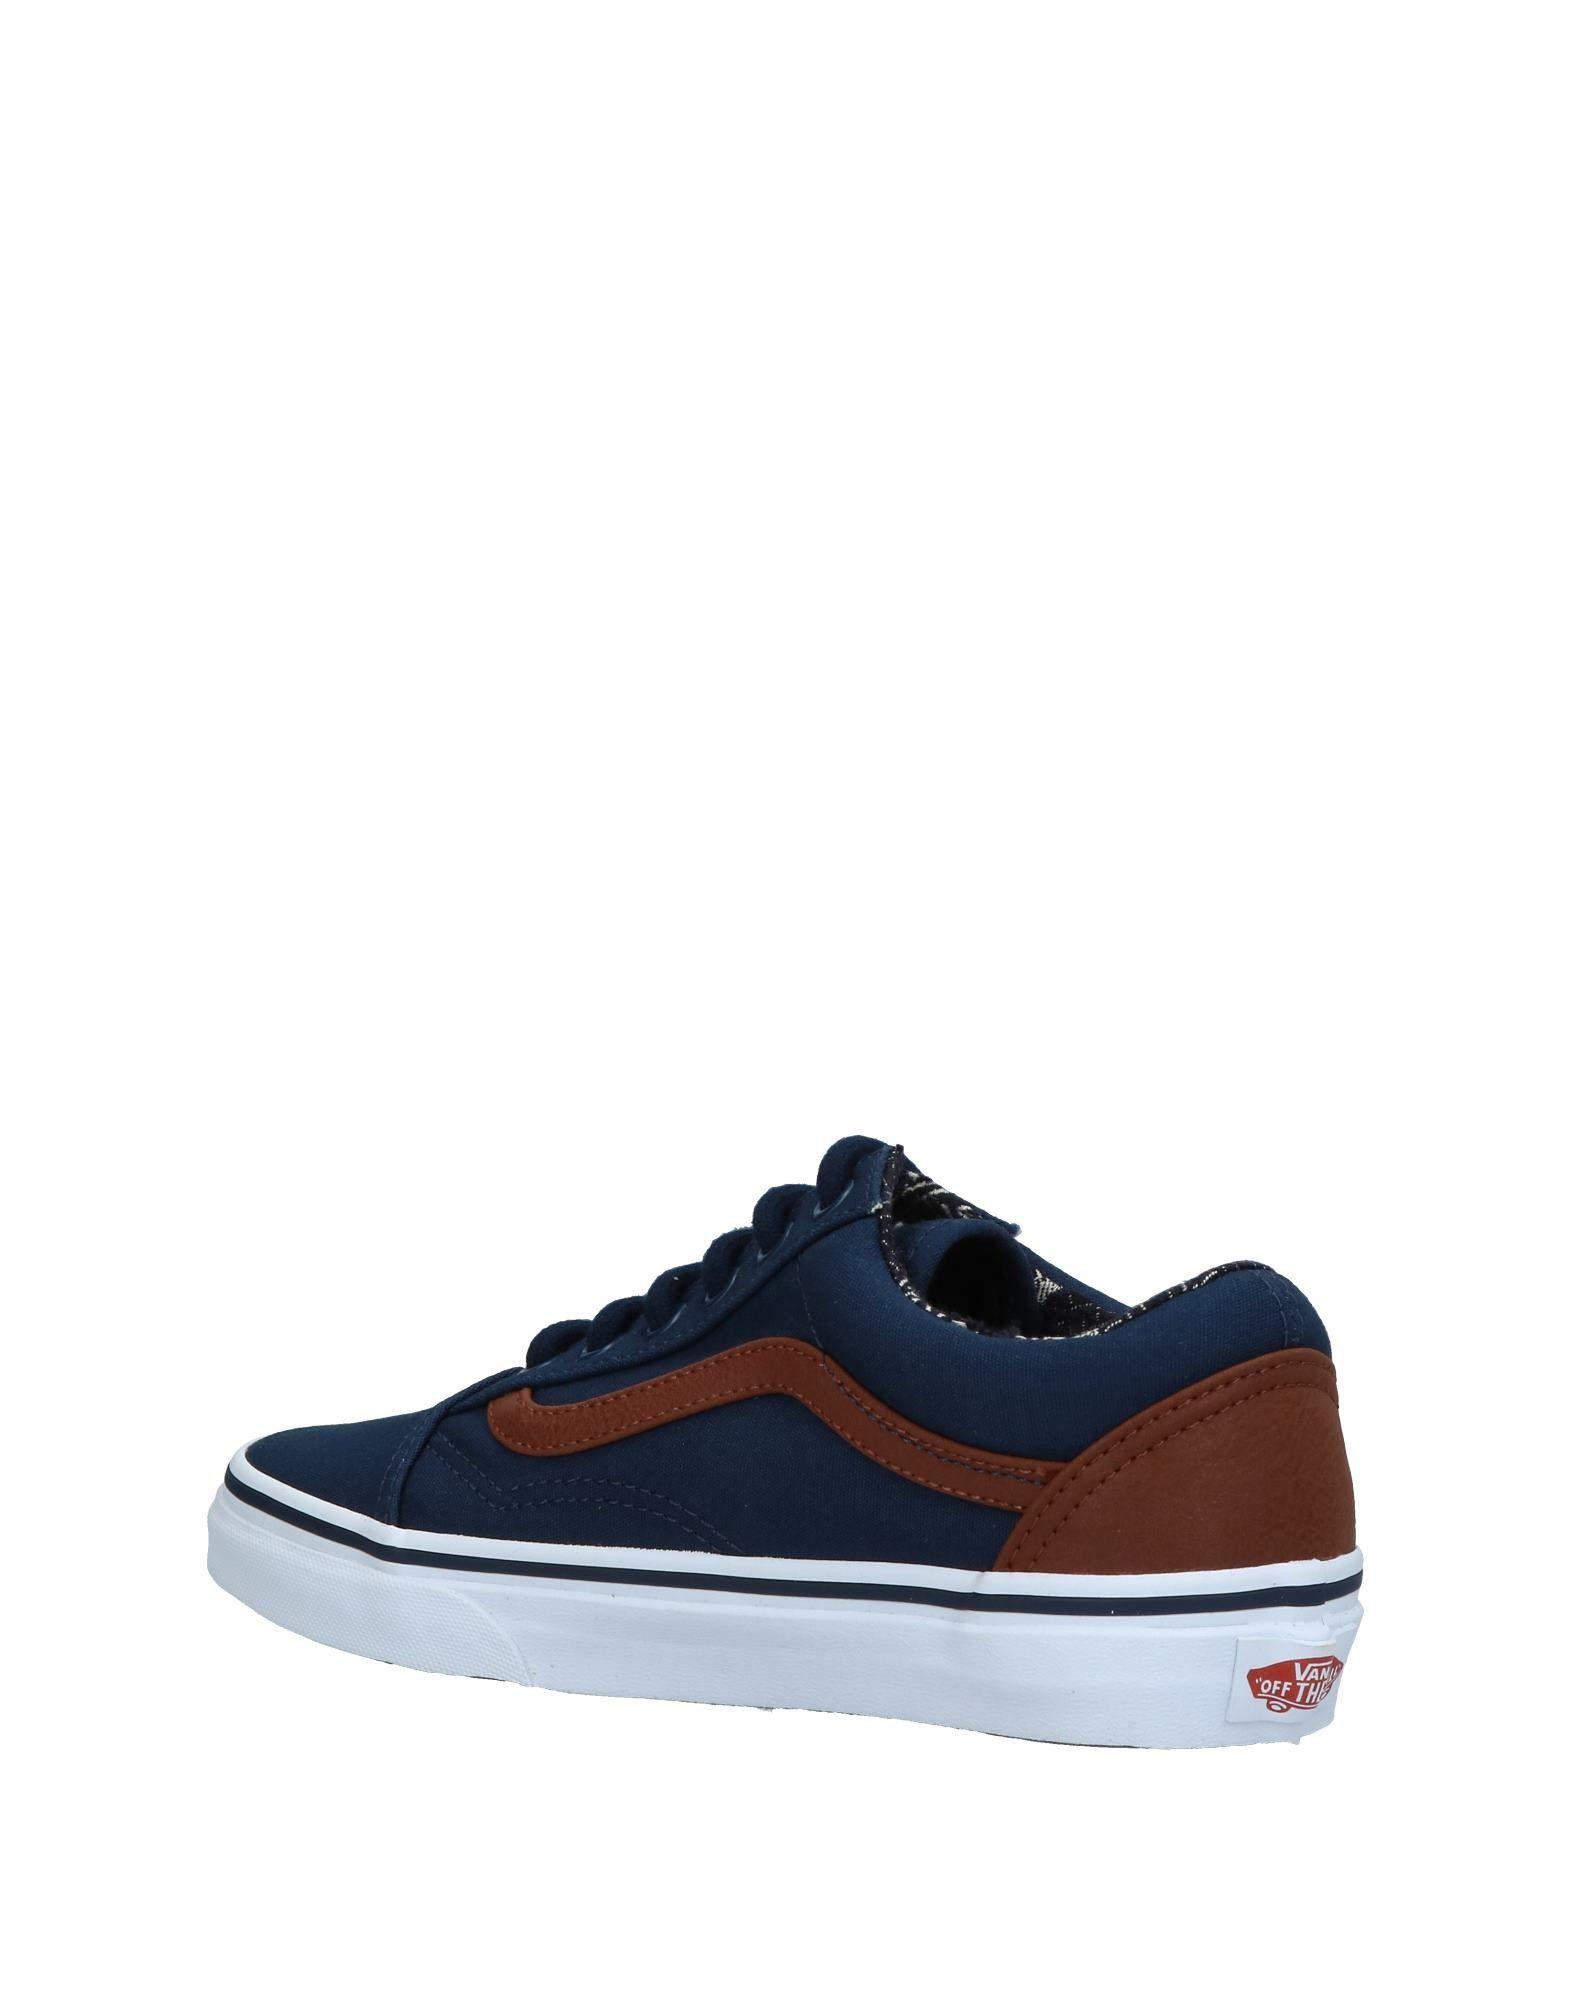 11393732JI Vans Sneakers Damen  11393732JI  Heiße Schuhe 297dd9